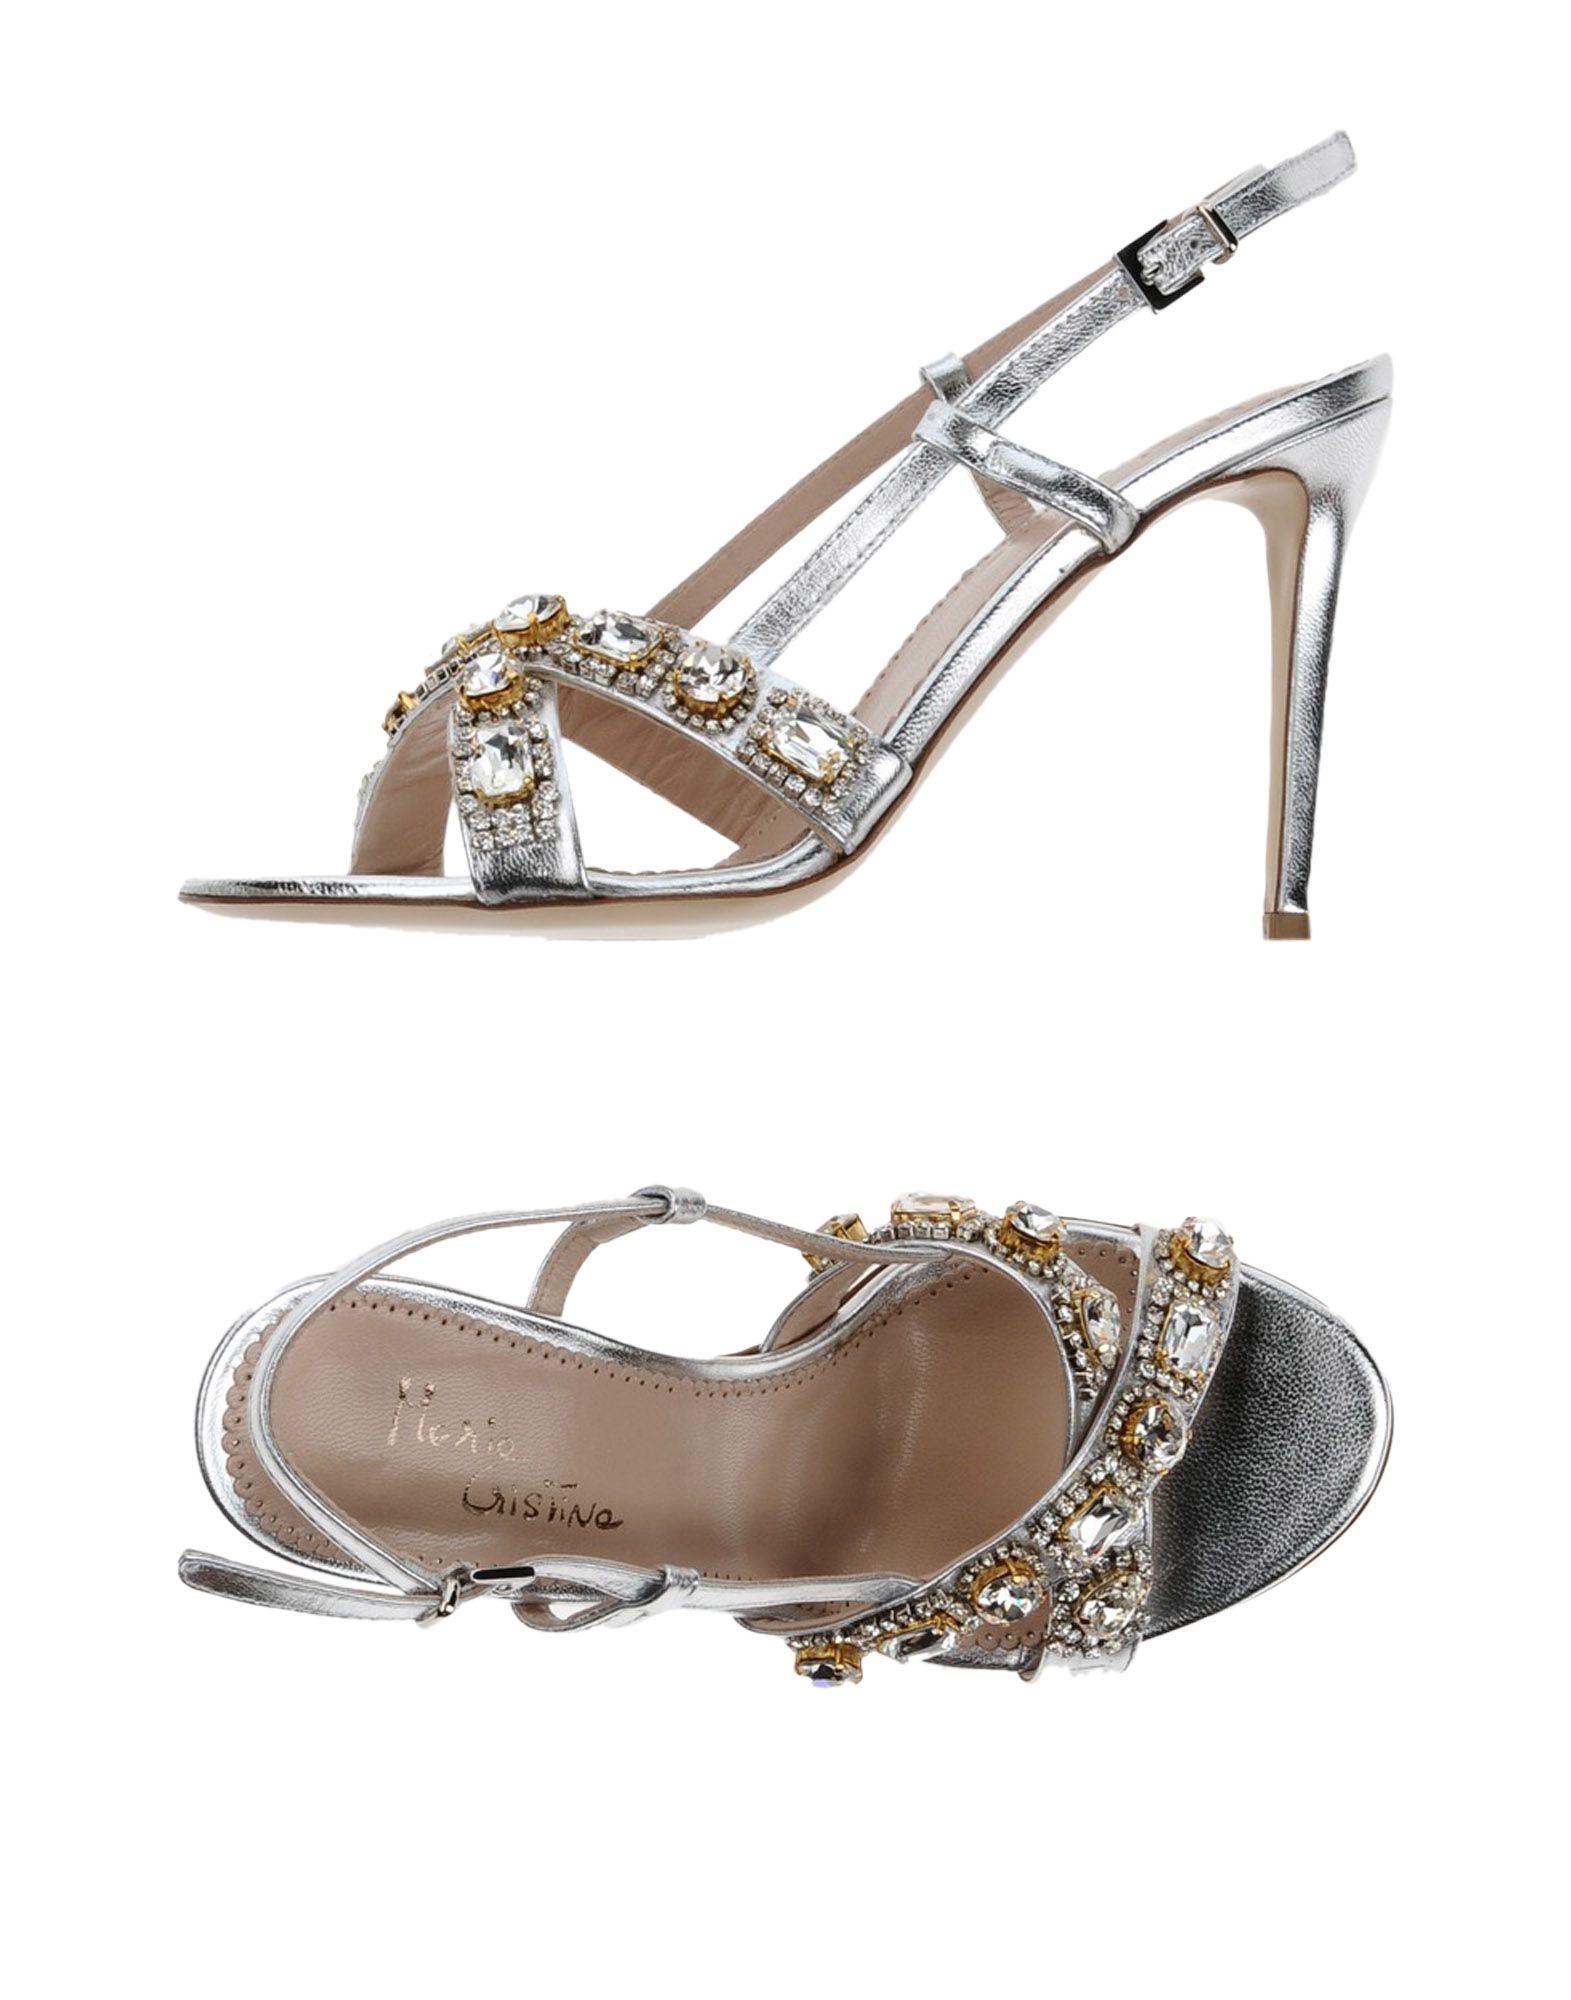 Maria Cristina Gute Sandalen Damen  11379495DJ Gute Cristina Qualität beliebte Schuhe 64a319